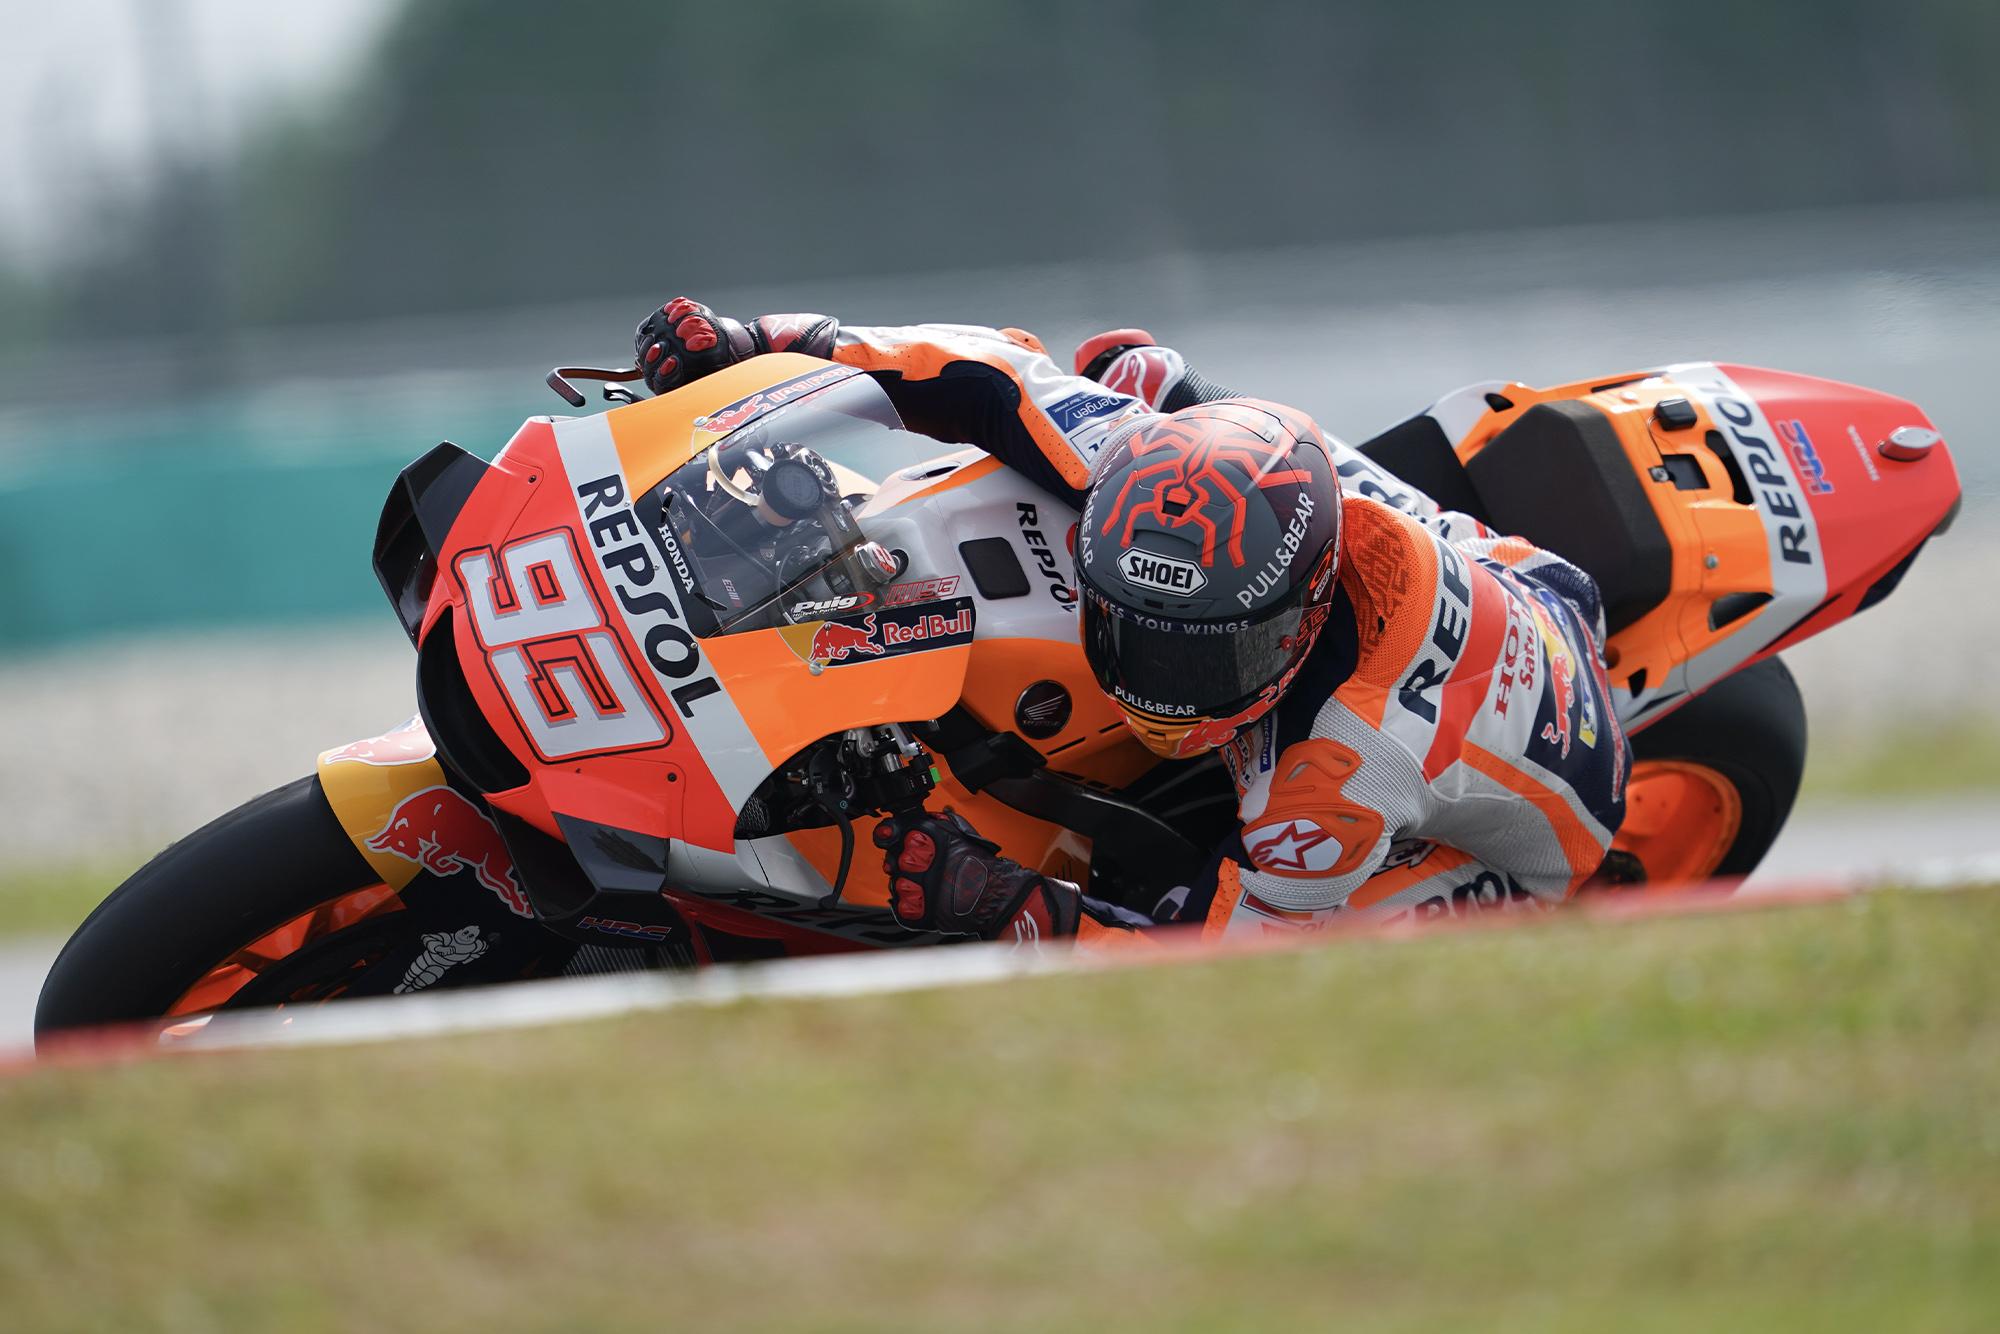 Why Márquez rules MotoGP's Triple M era